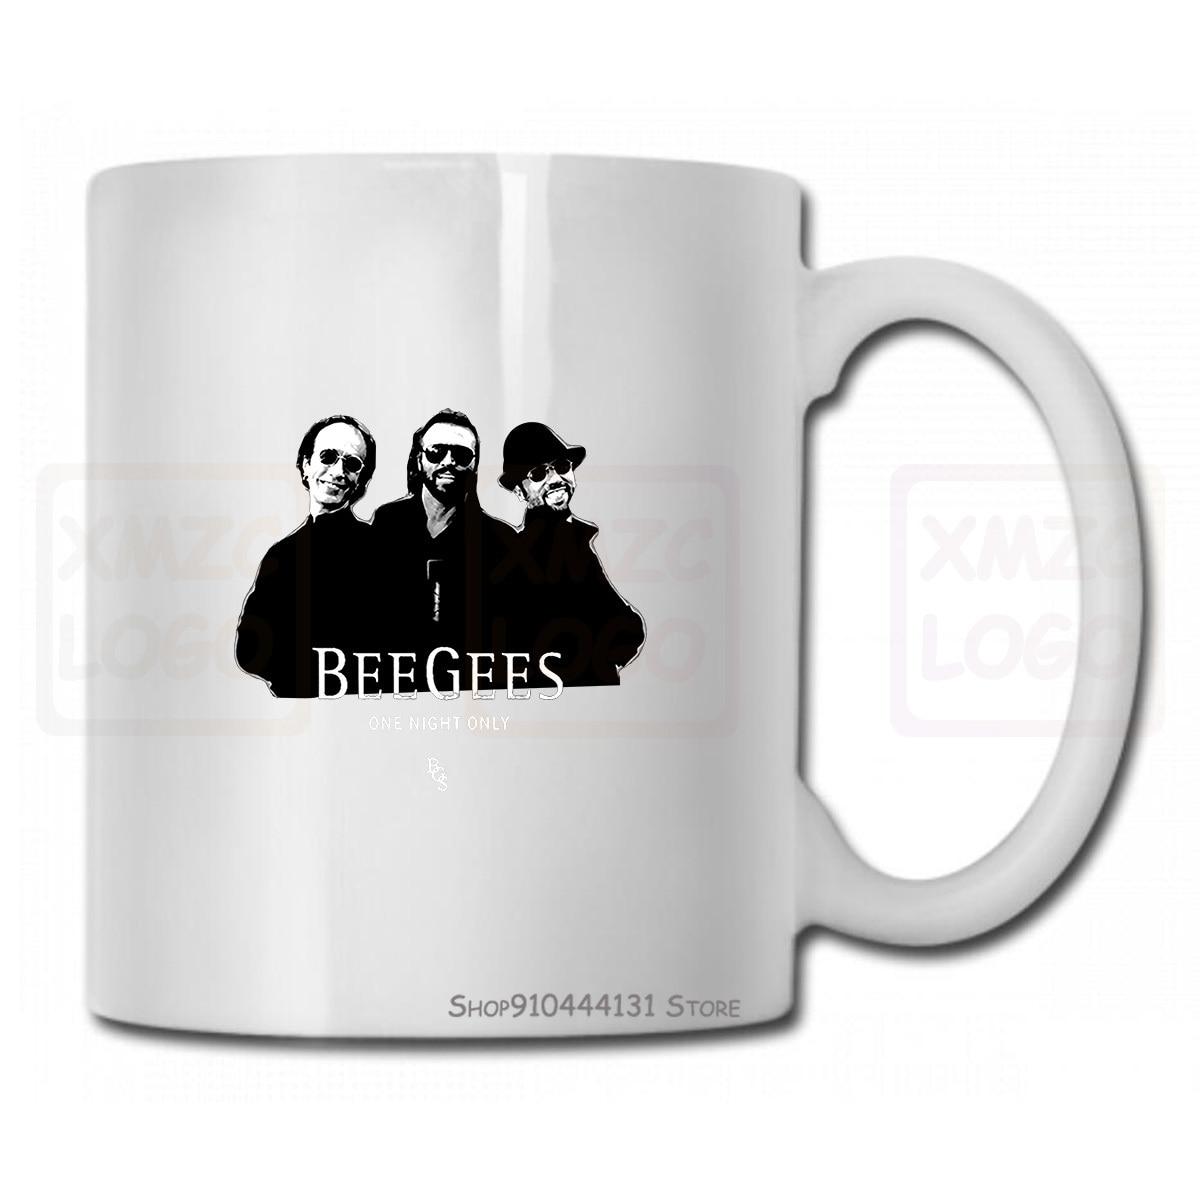 Bee Gees un grupo de música Pop Legend Robin Gibb hombres tazón taza blanca tamaño S3Xl buena calidad Tops caliente barato hombres